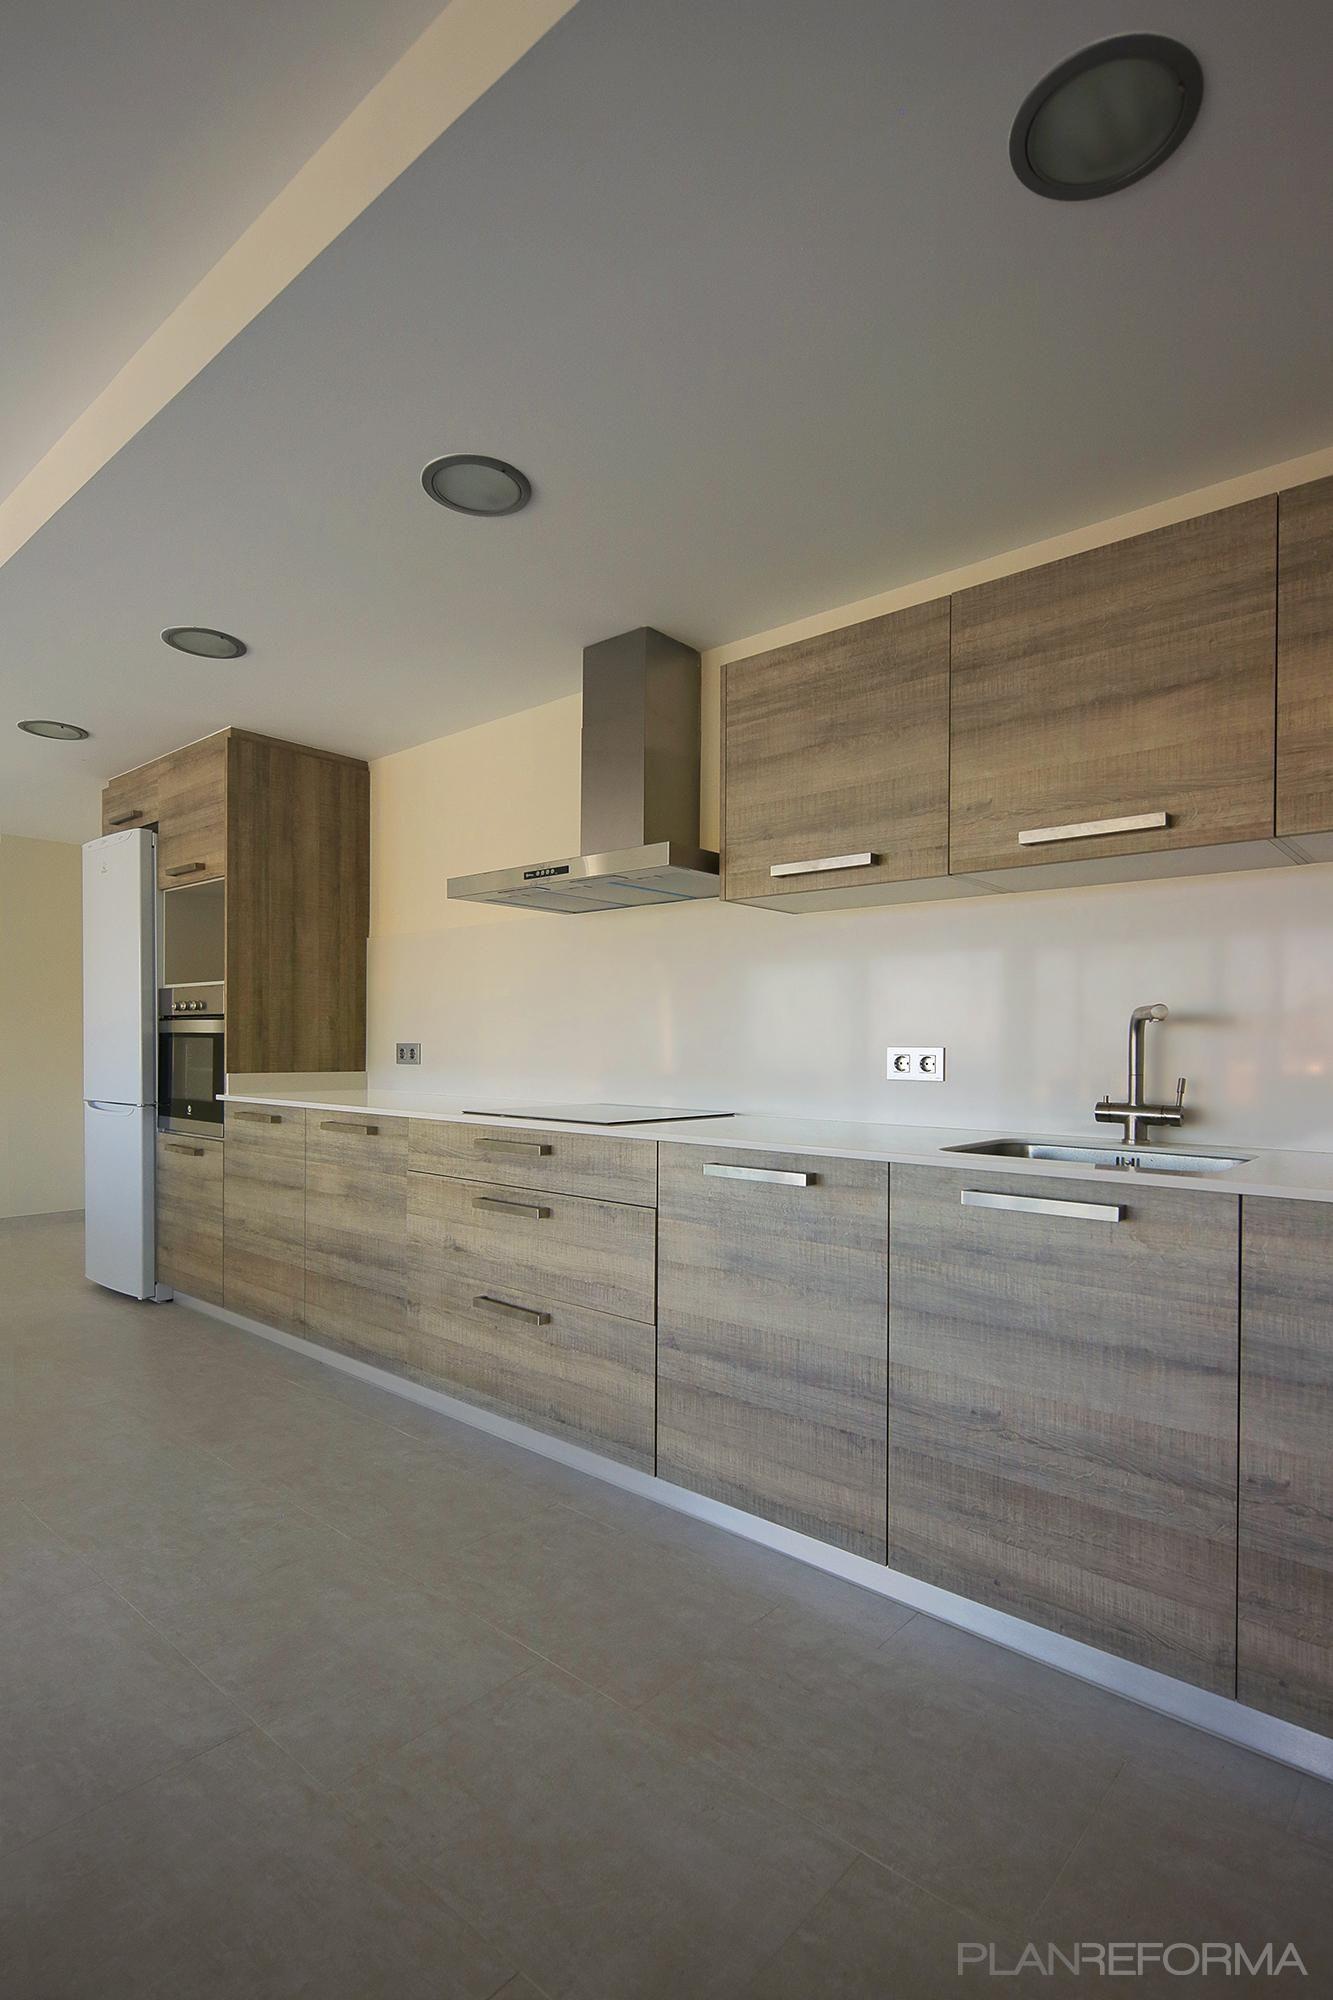 Cocina Estilo mediterraneo Color beige, beige, marron diseñado por ...